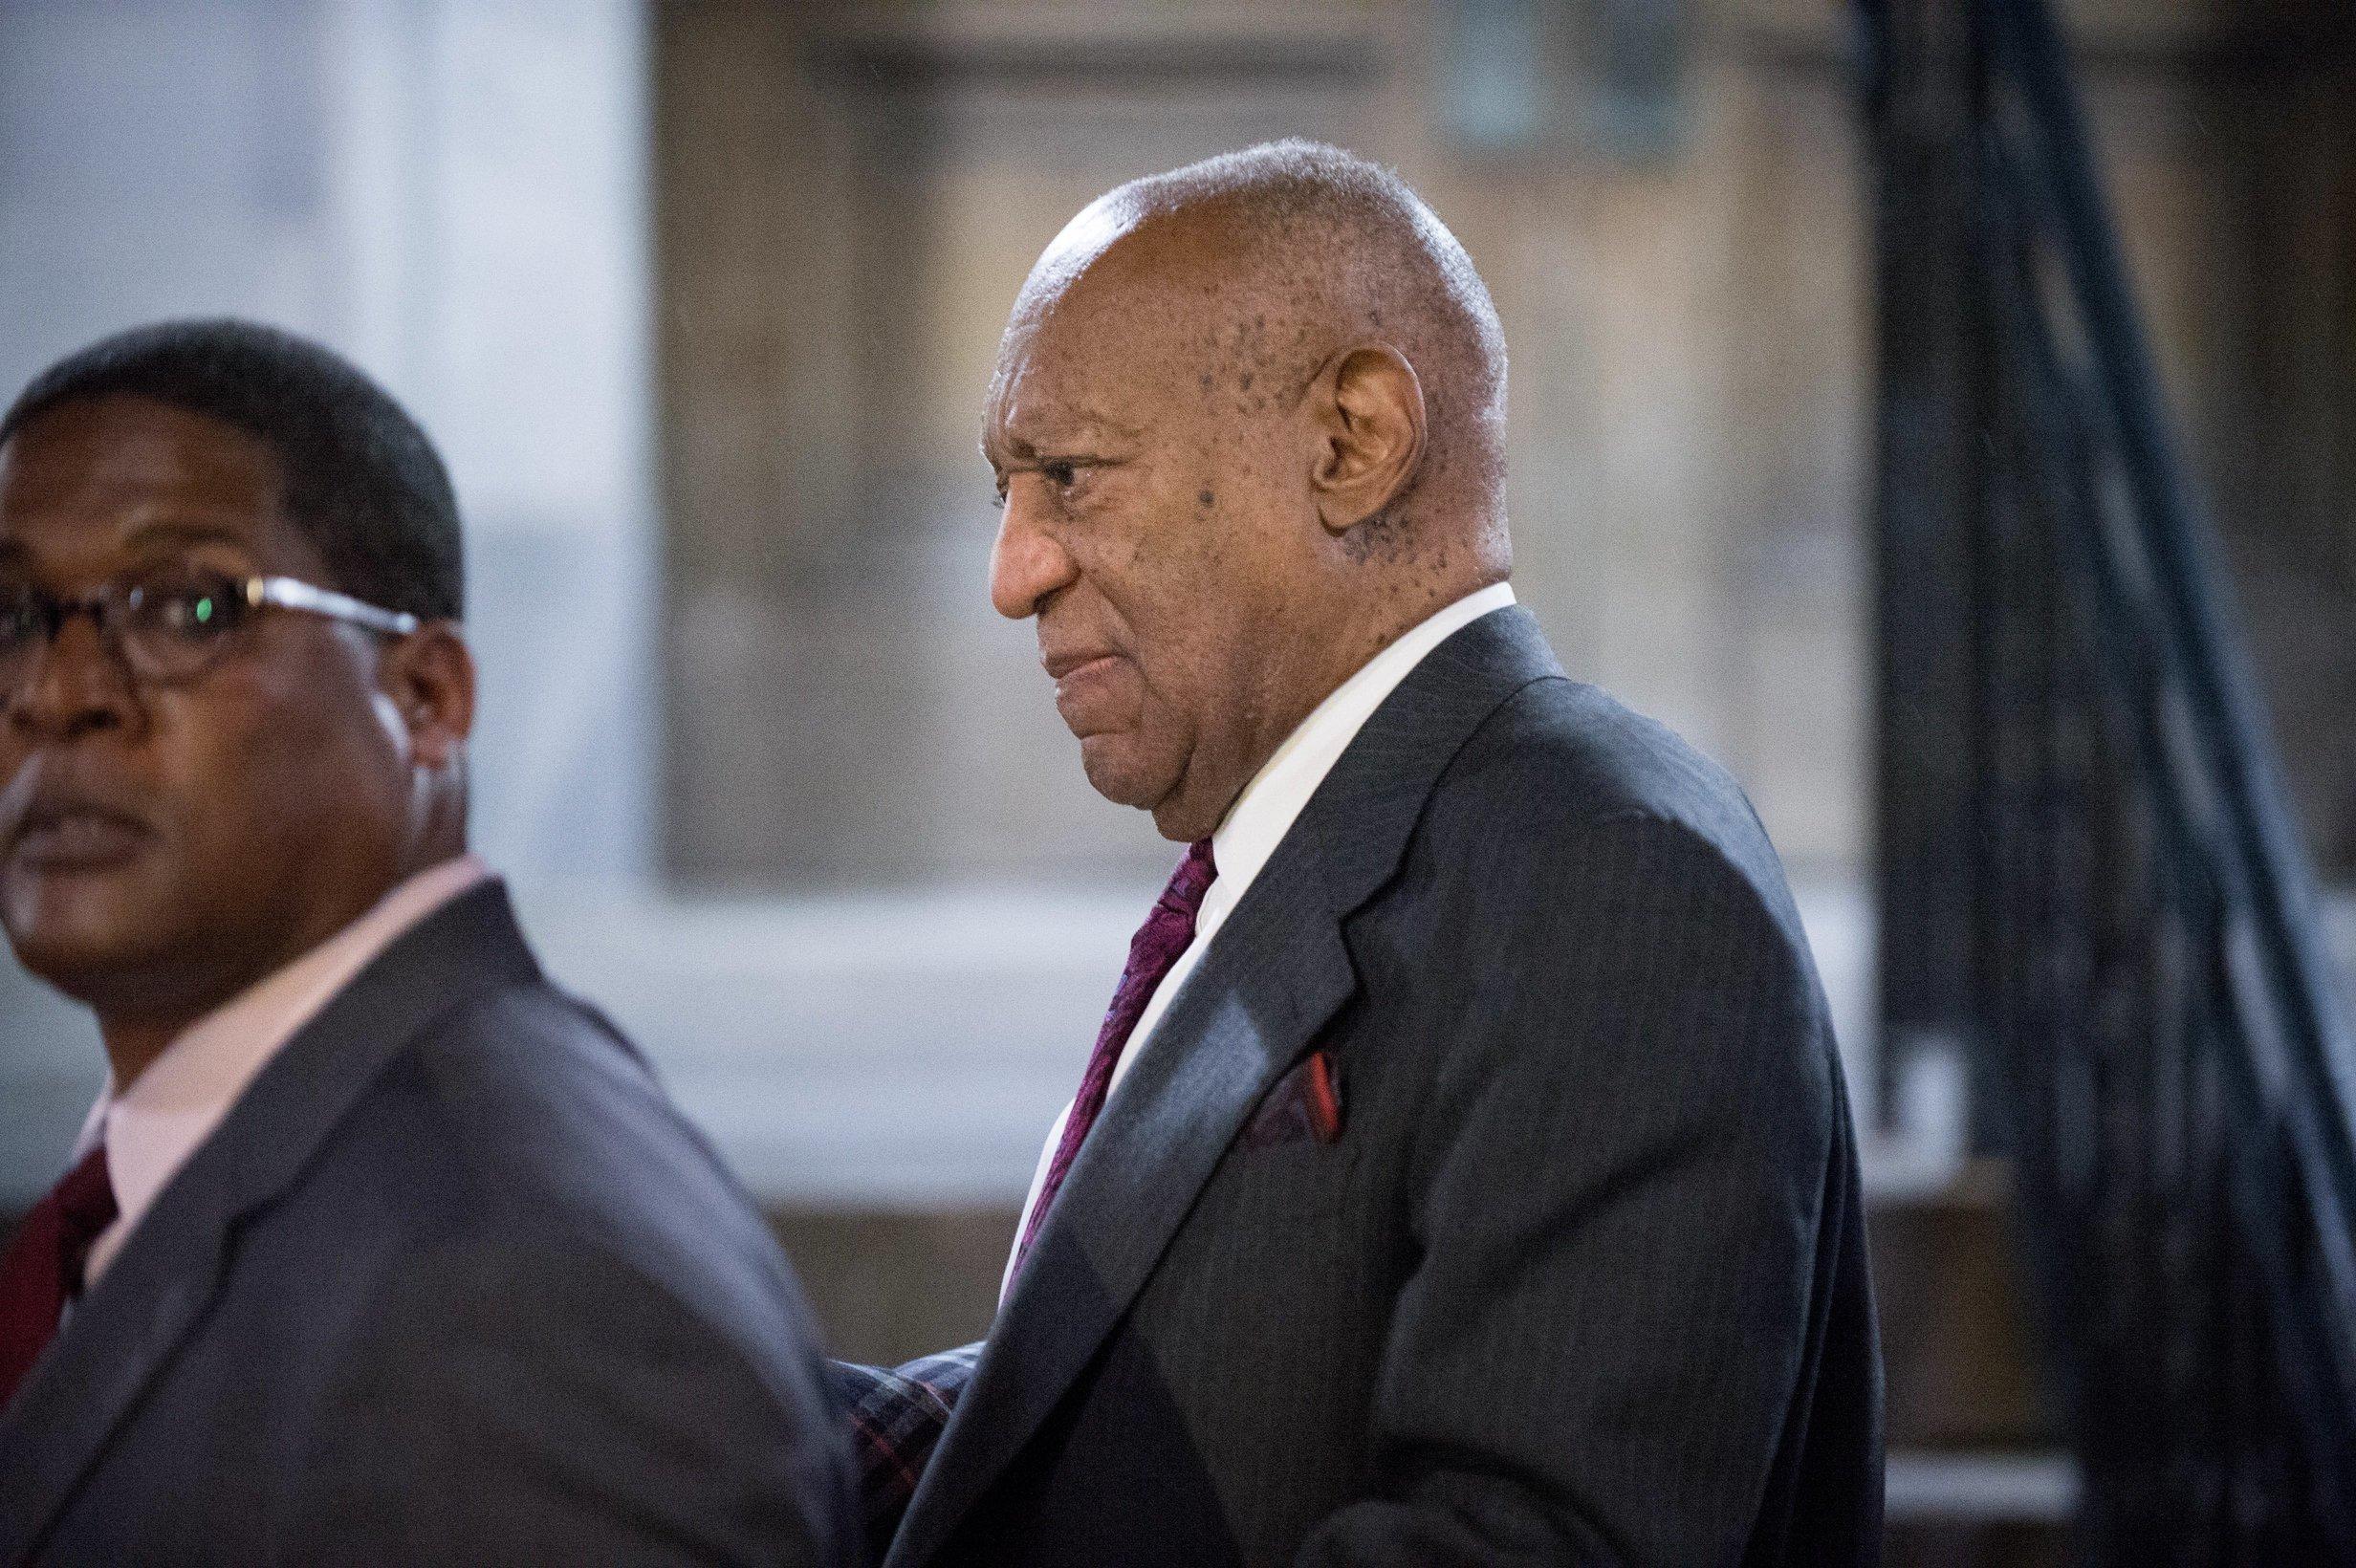 Billu Cosbyju određen kućni pritvor u očekivanju kazne